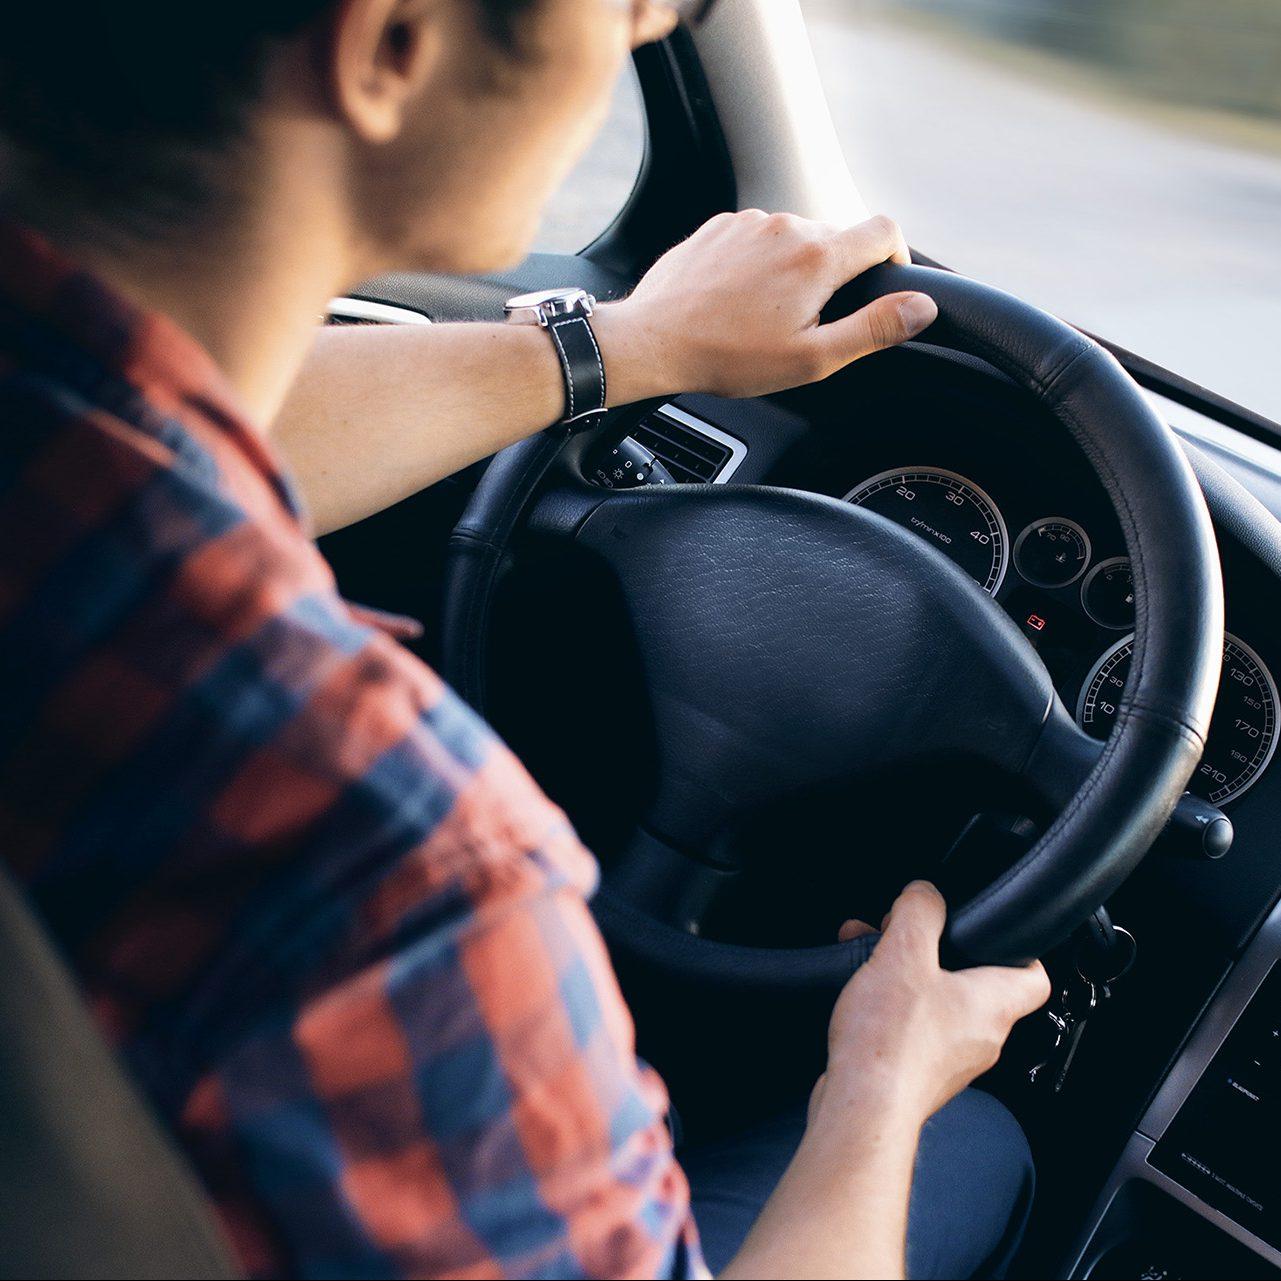 Stellungnahme zur Einrichtung einer Ethik-Kommission zum automatisierten Fahren